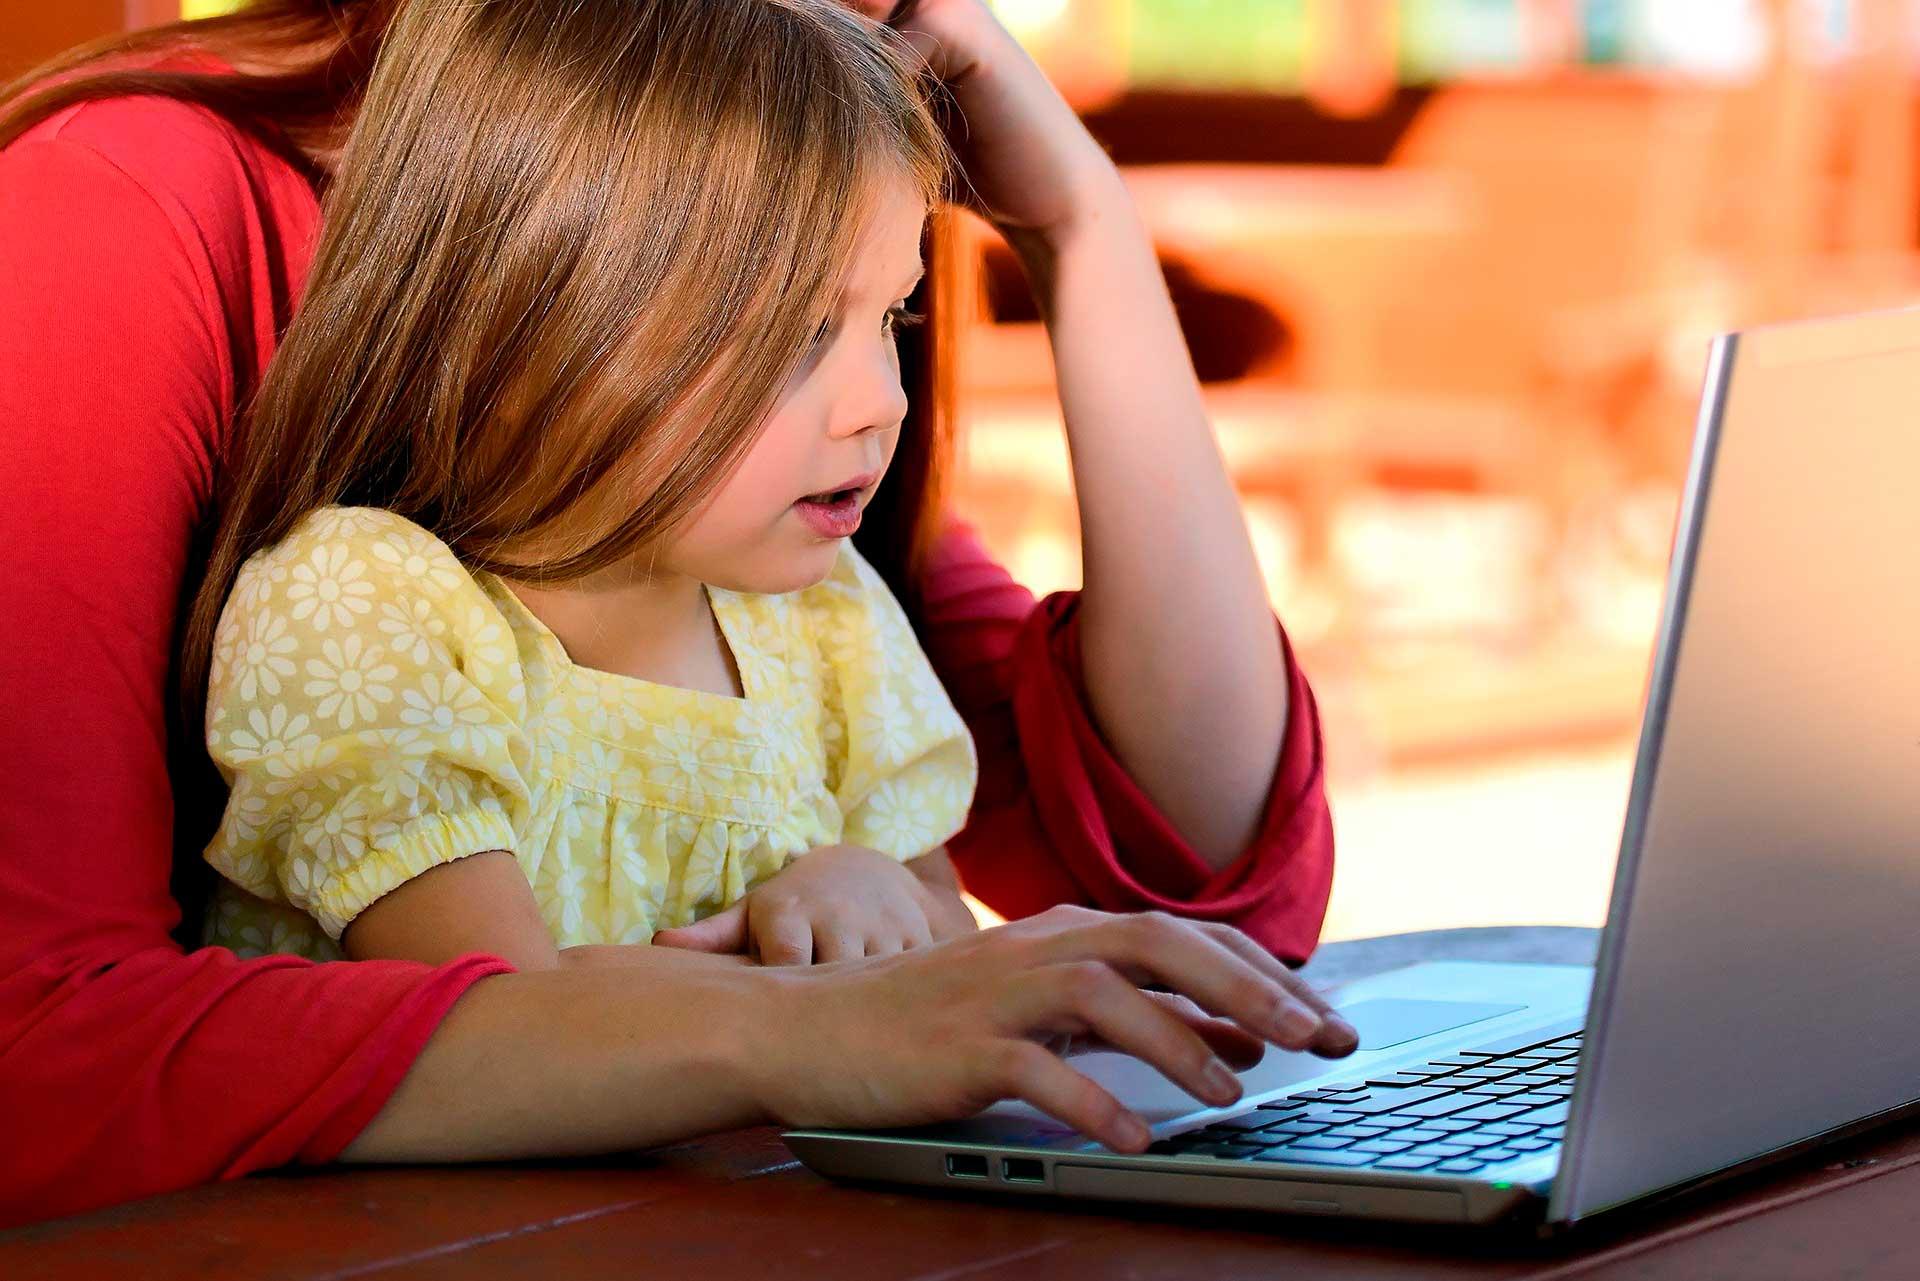 Els beneficis d'aprendre a programar durant la infància